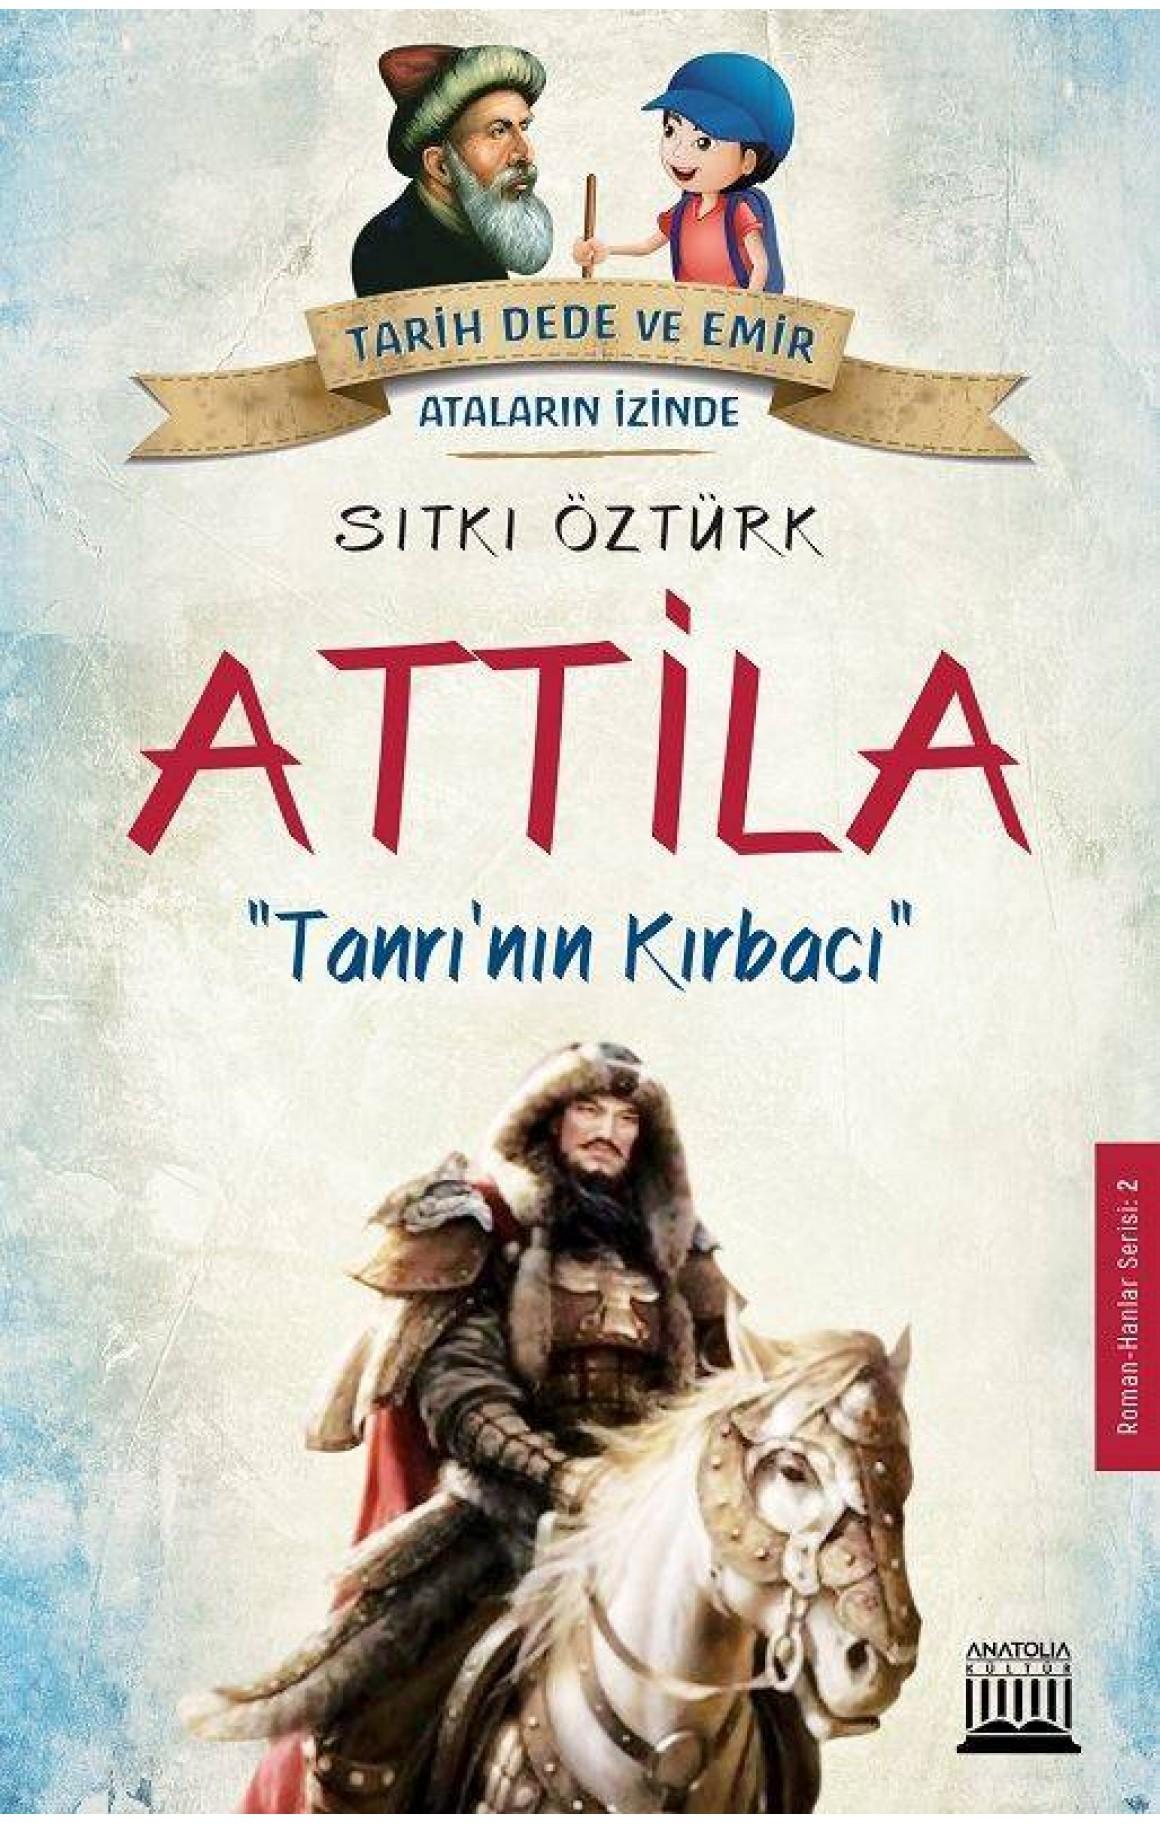 Attila-Tanrı'nın Kırbacı